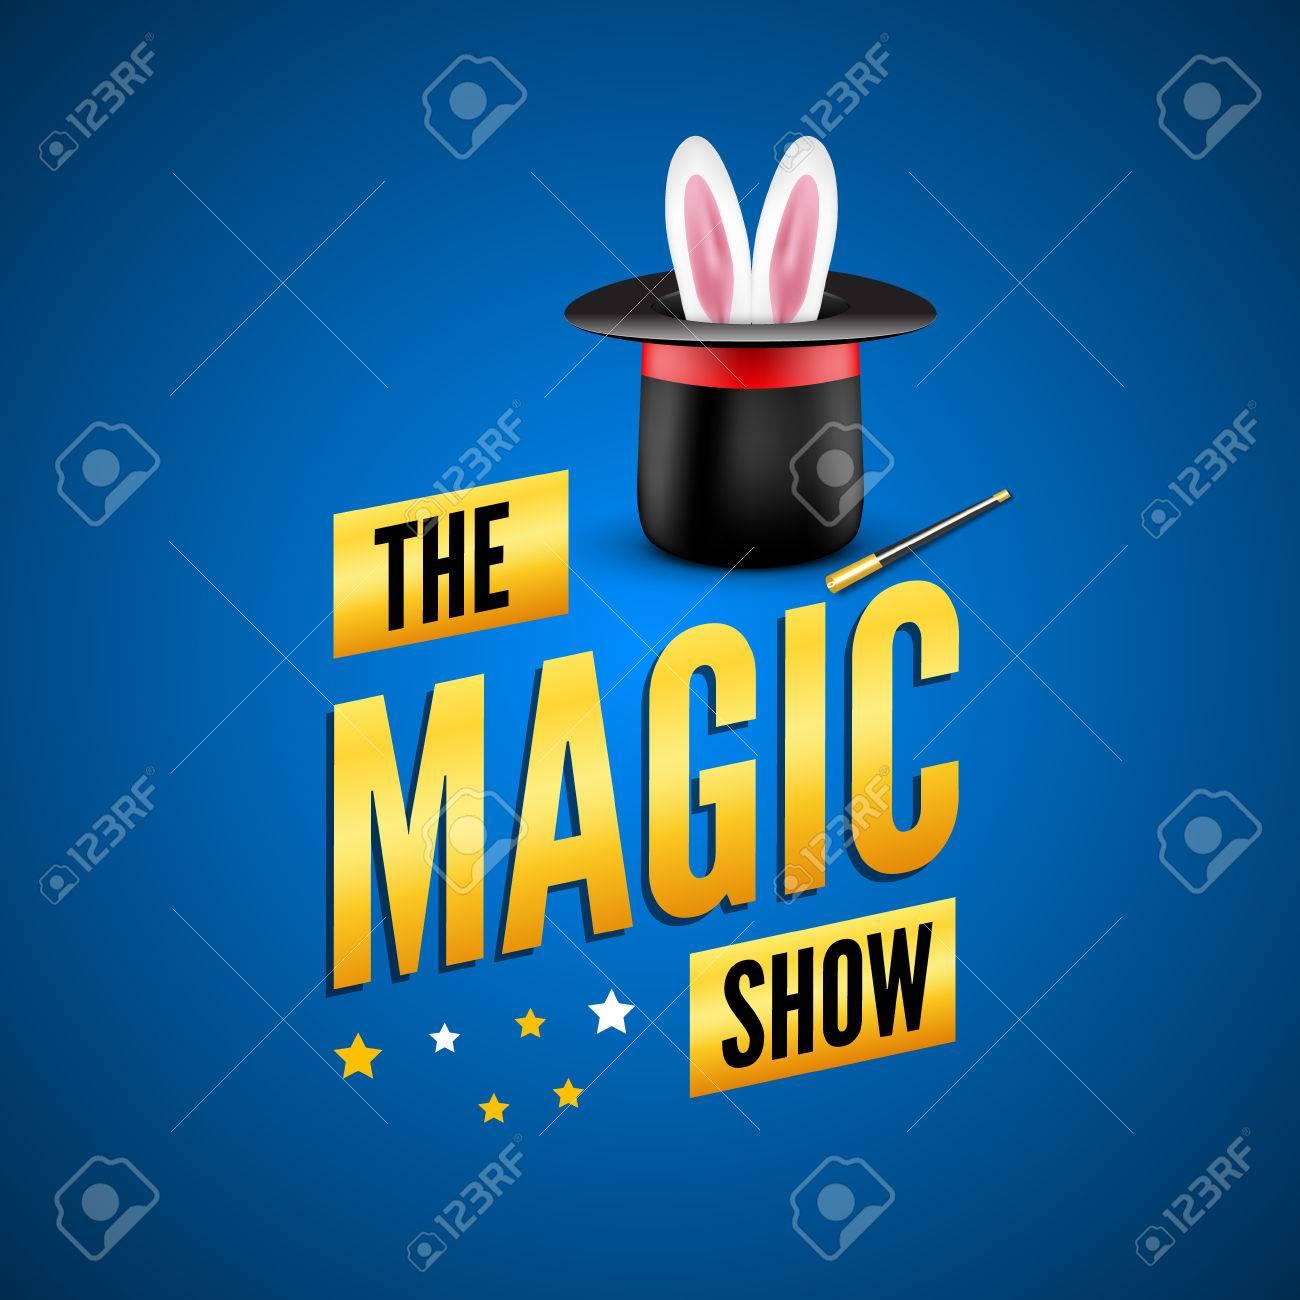 Plantilla De Diseño De Cartel Mágico. Logotipo Concepto Mago Con ...